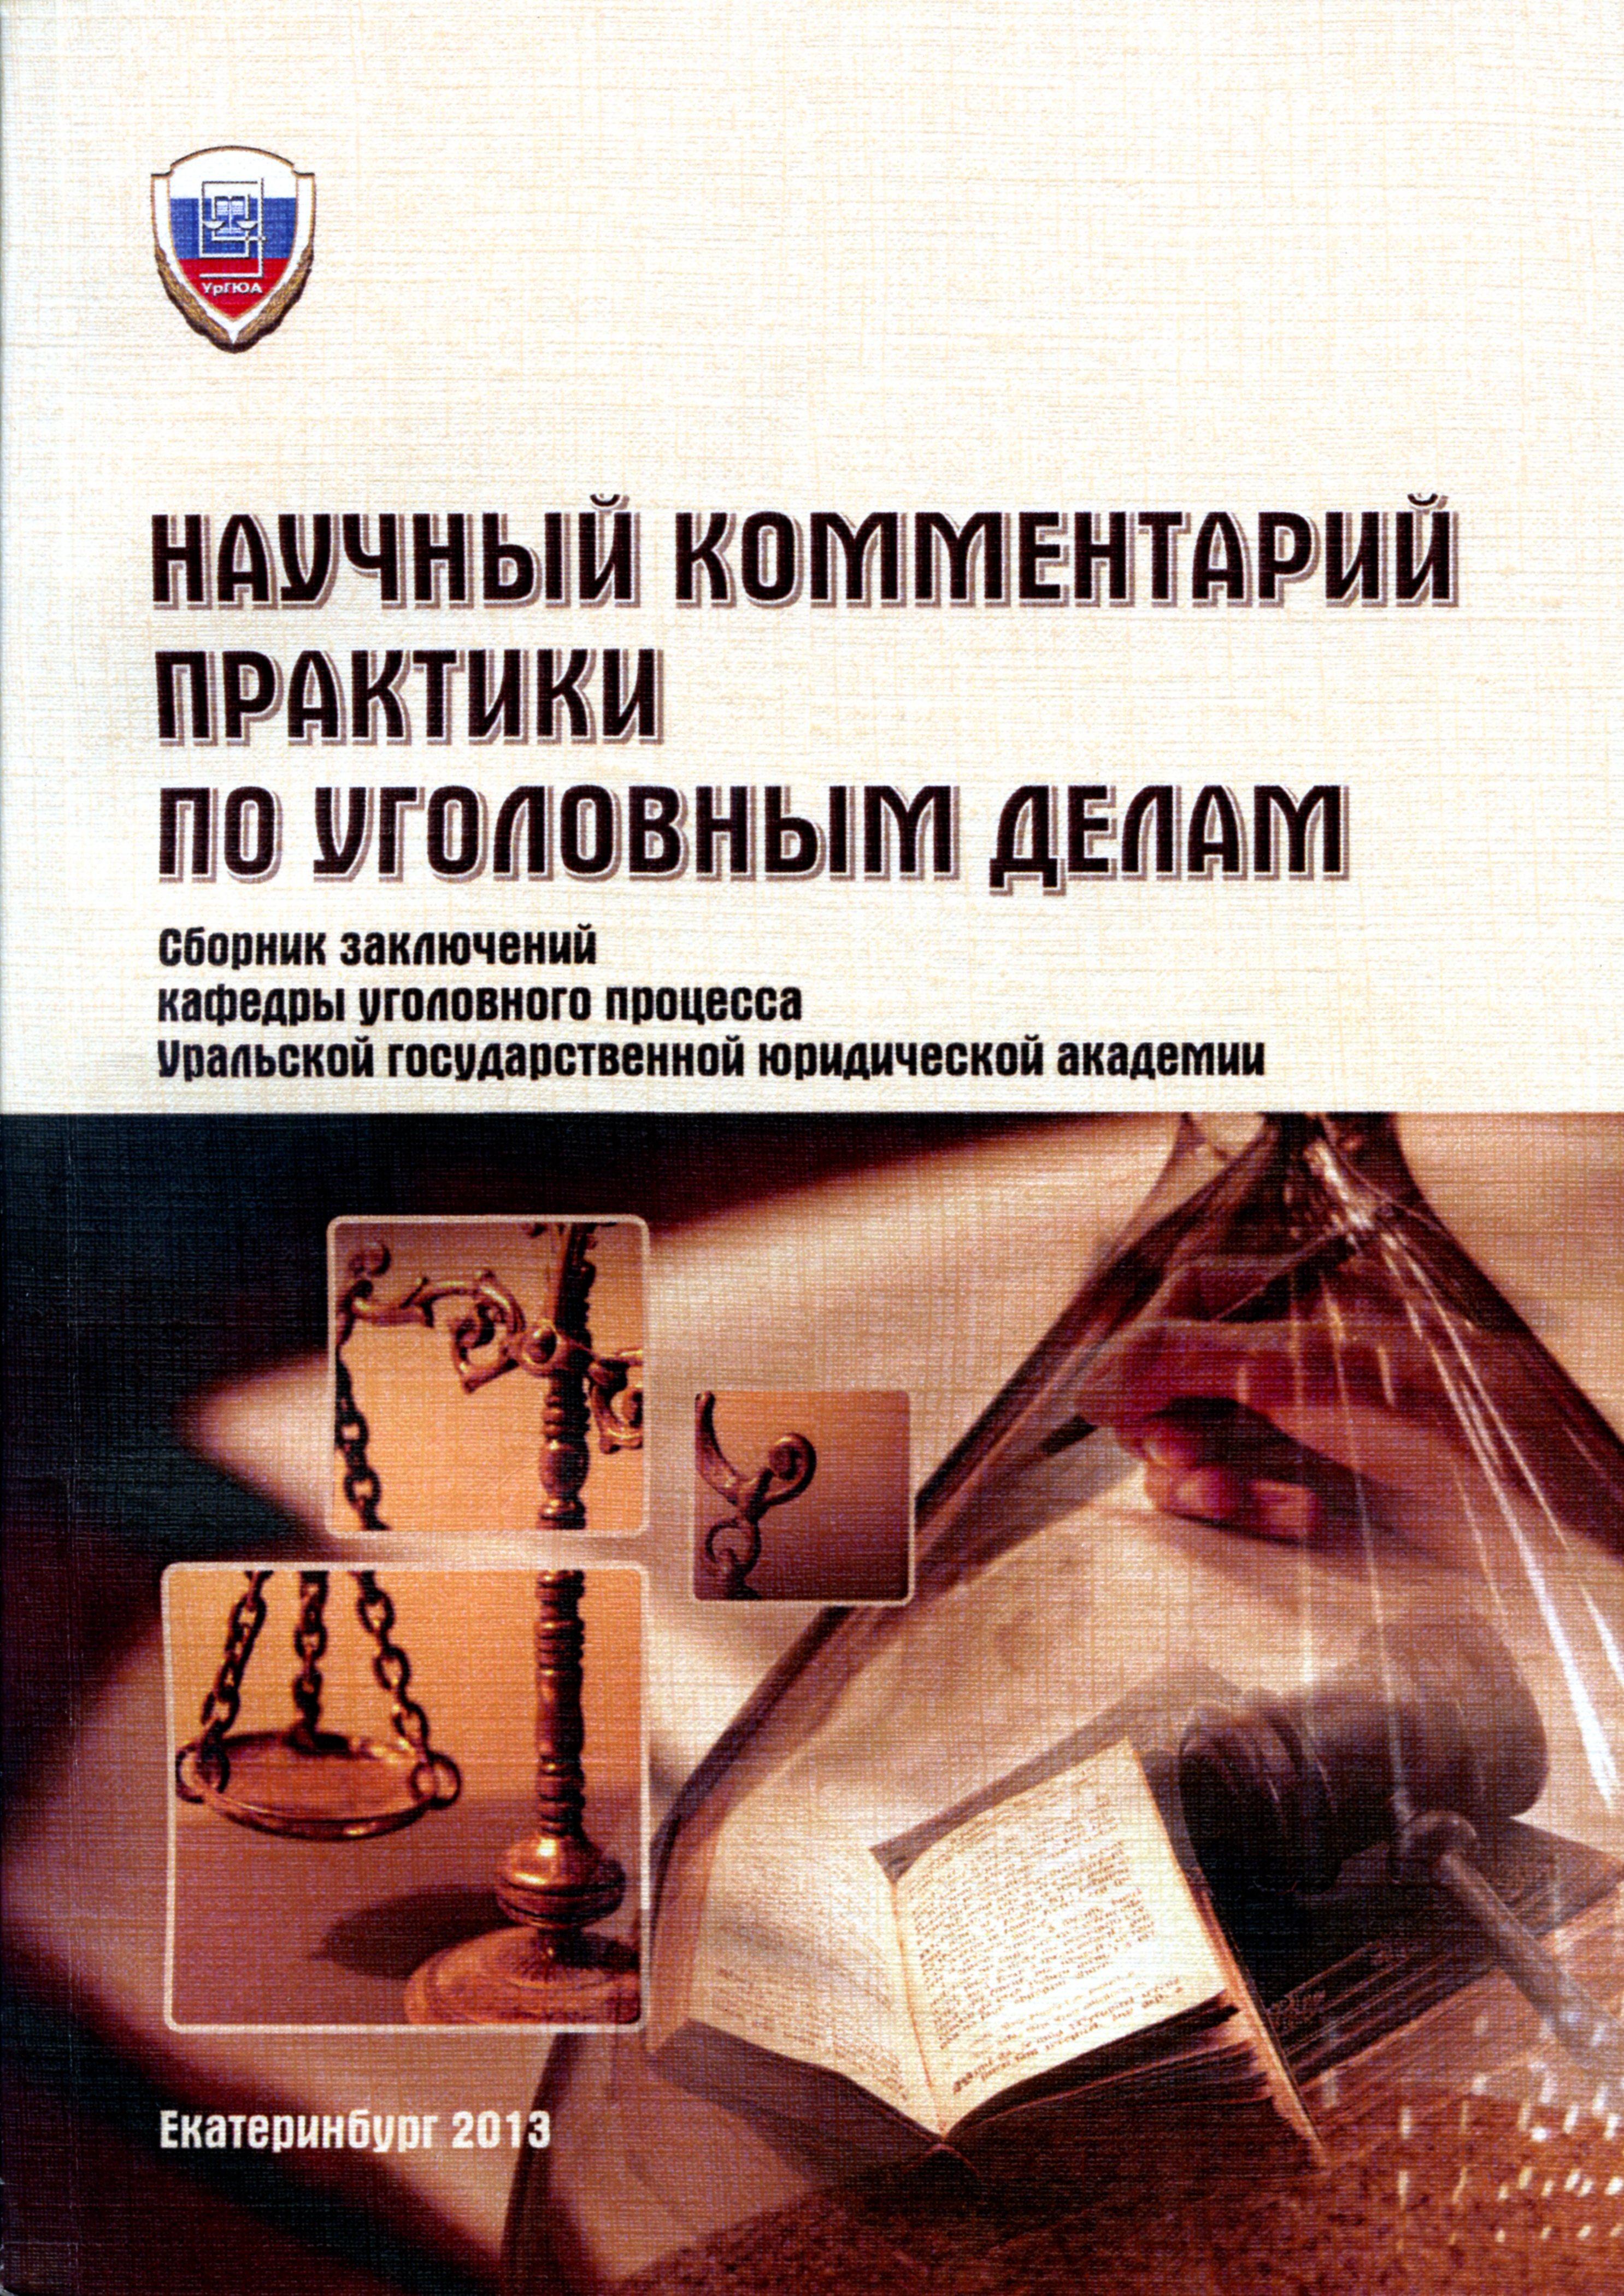 прервал о судебной практике по делам о хулиганстве 15.11.2007 как